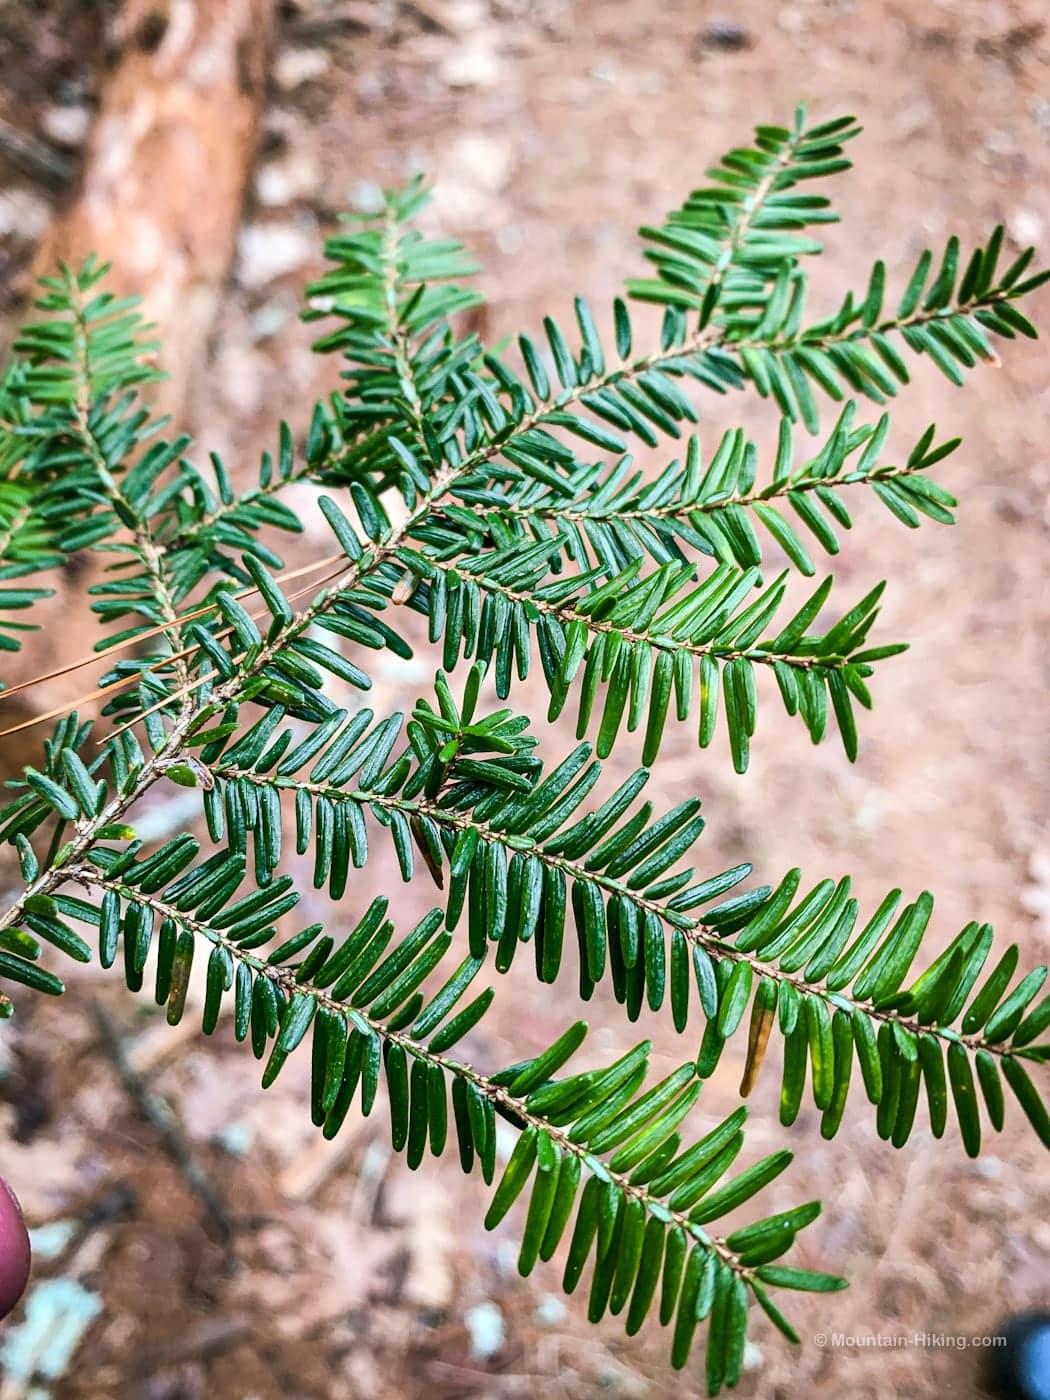 preparing to brew pine needle tea: identify hemlock needles